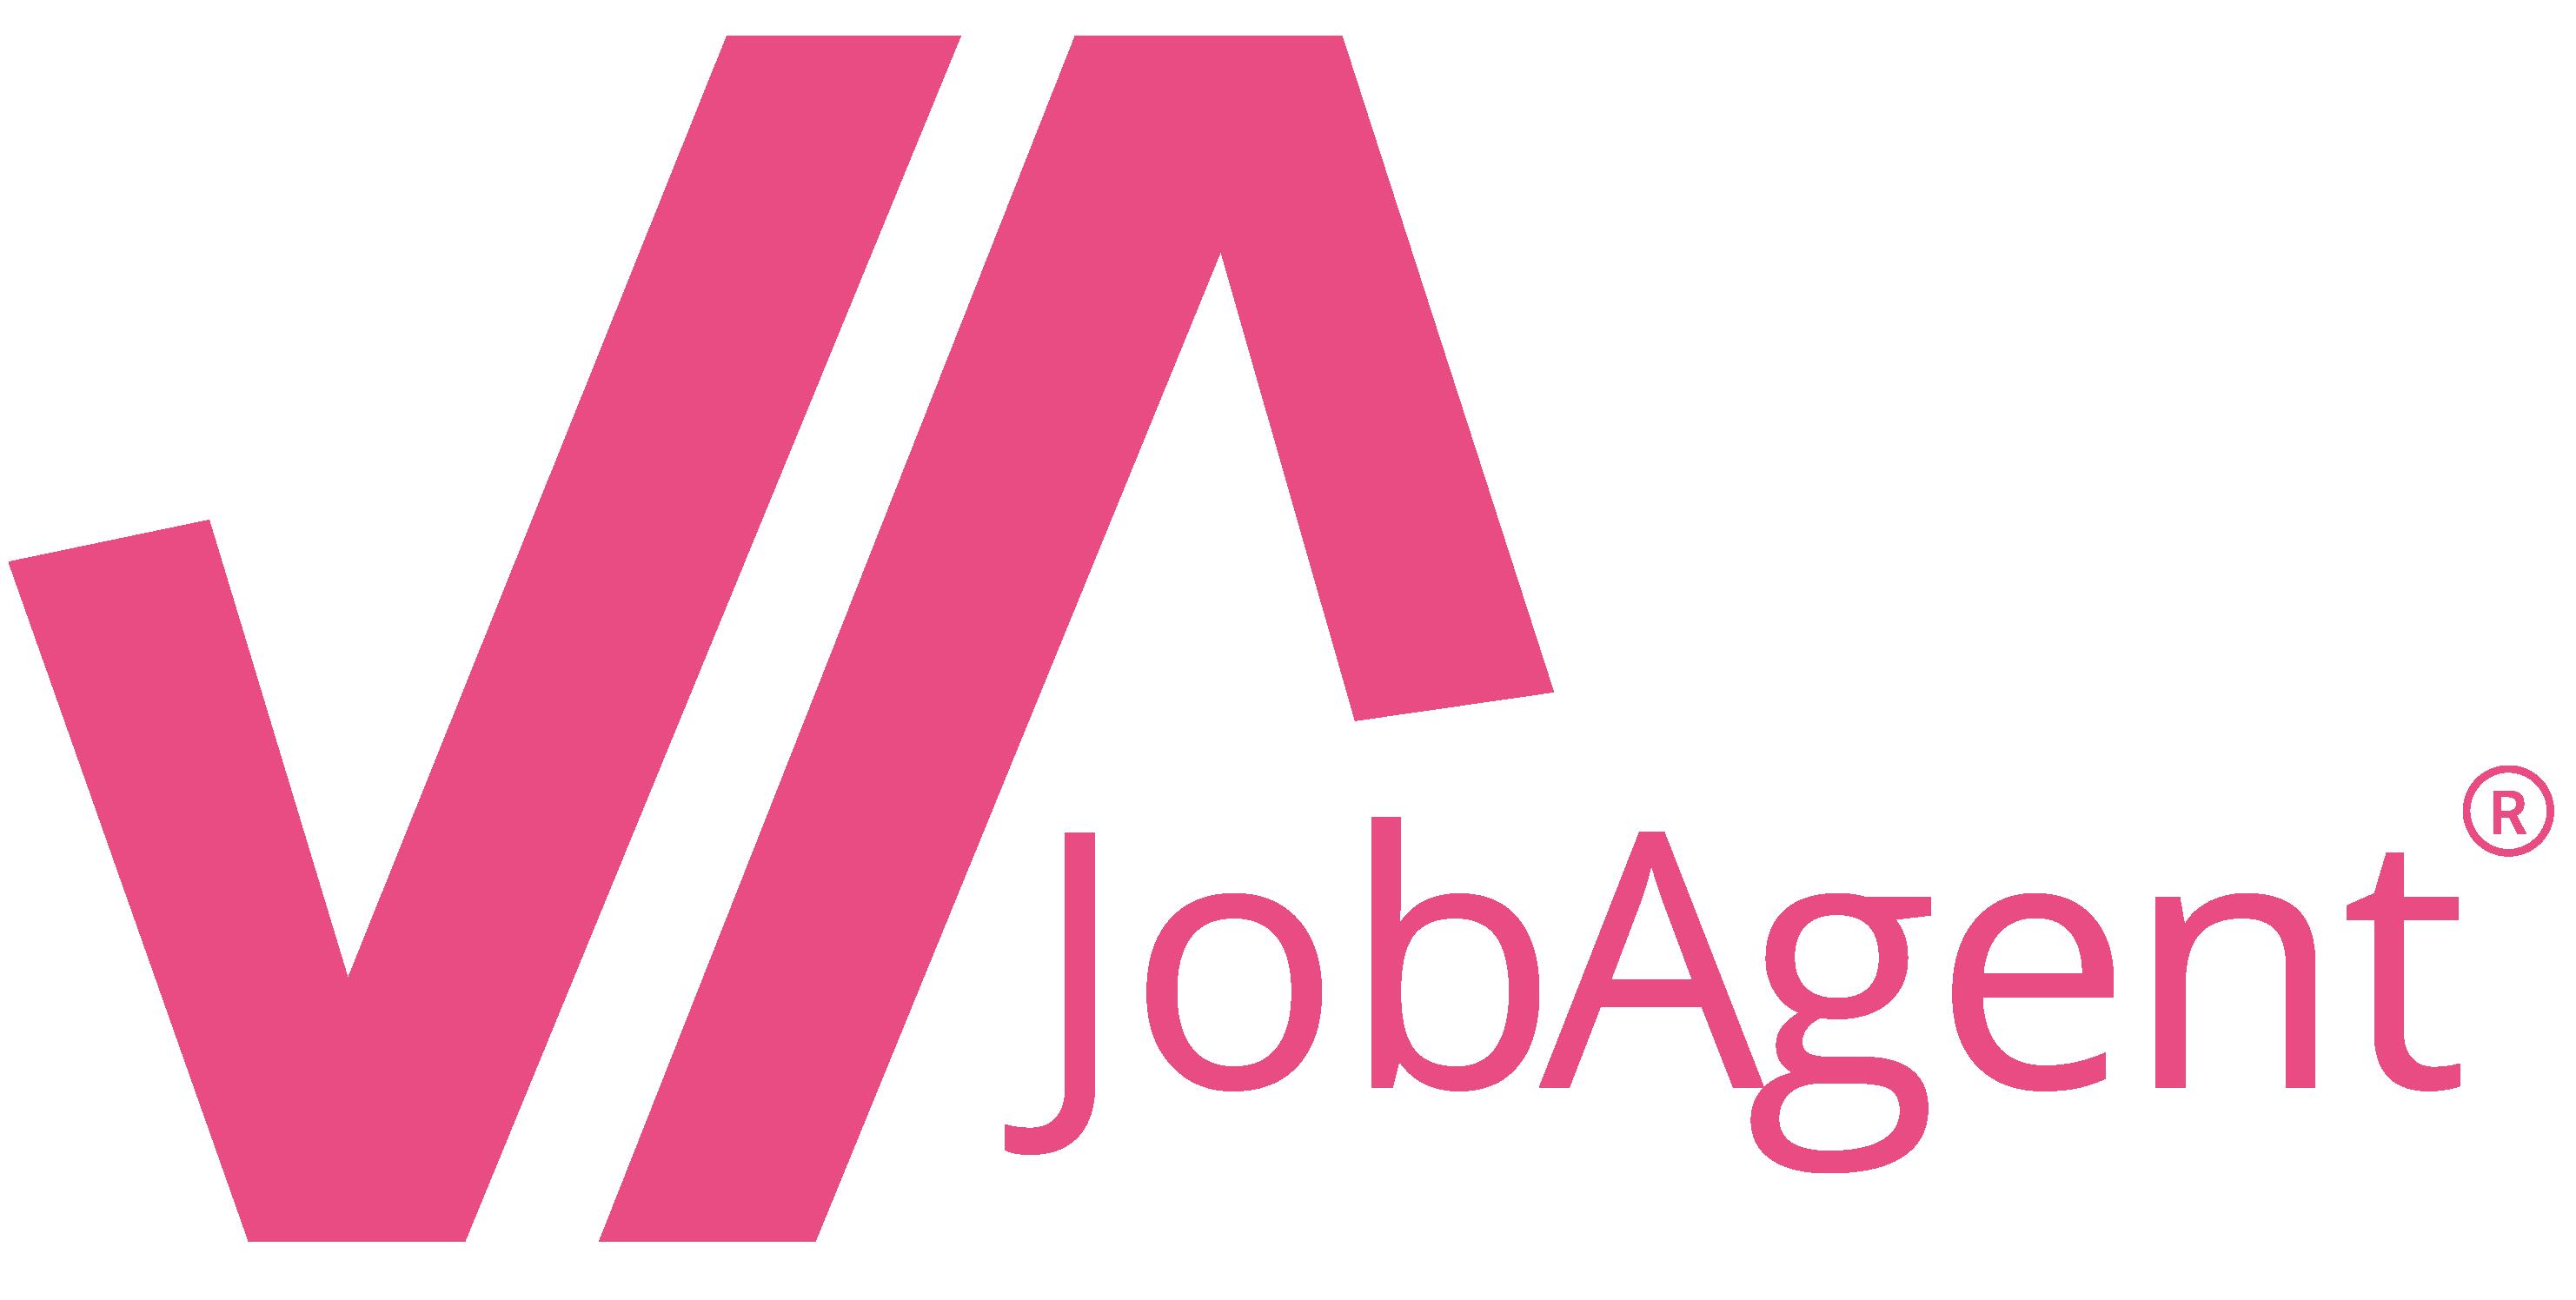 JobAgent i Skandinavien